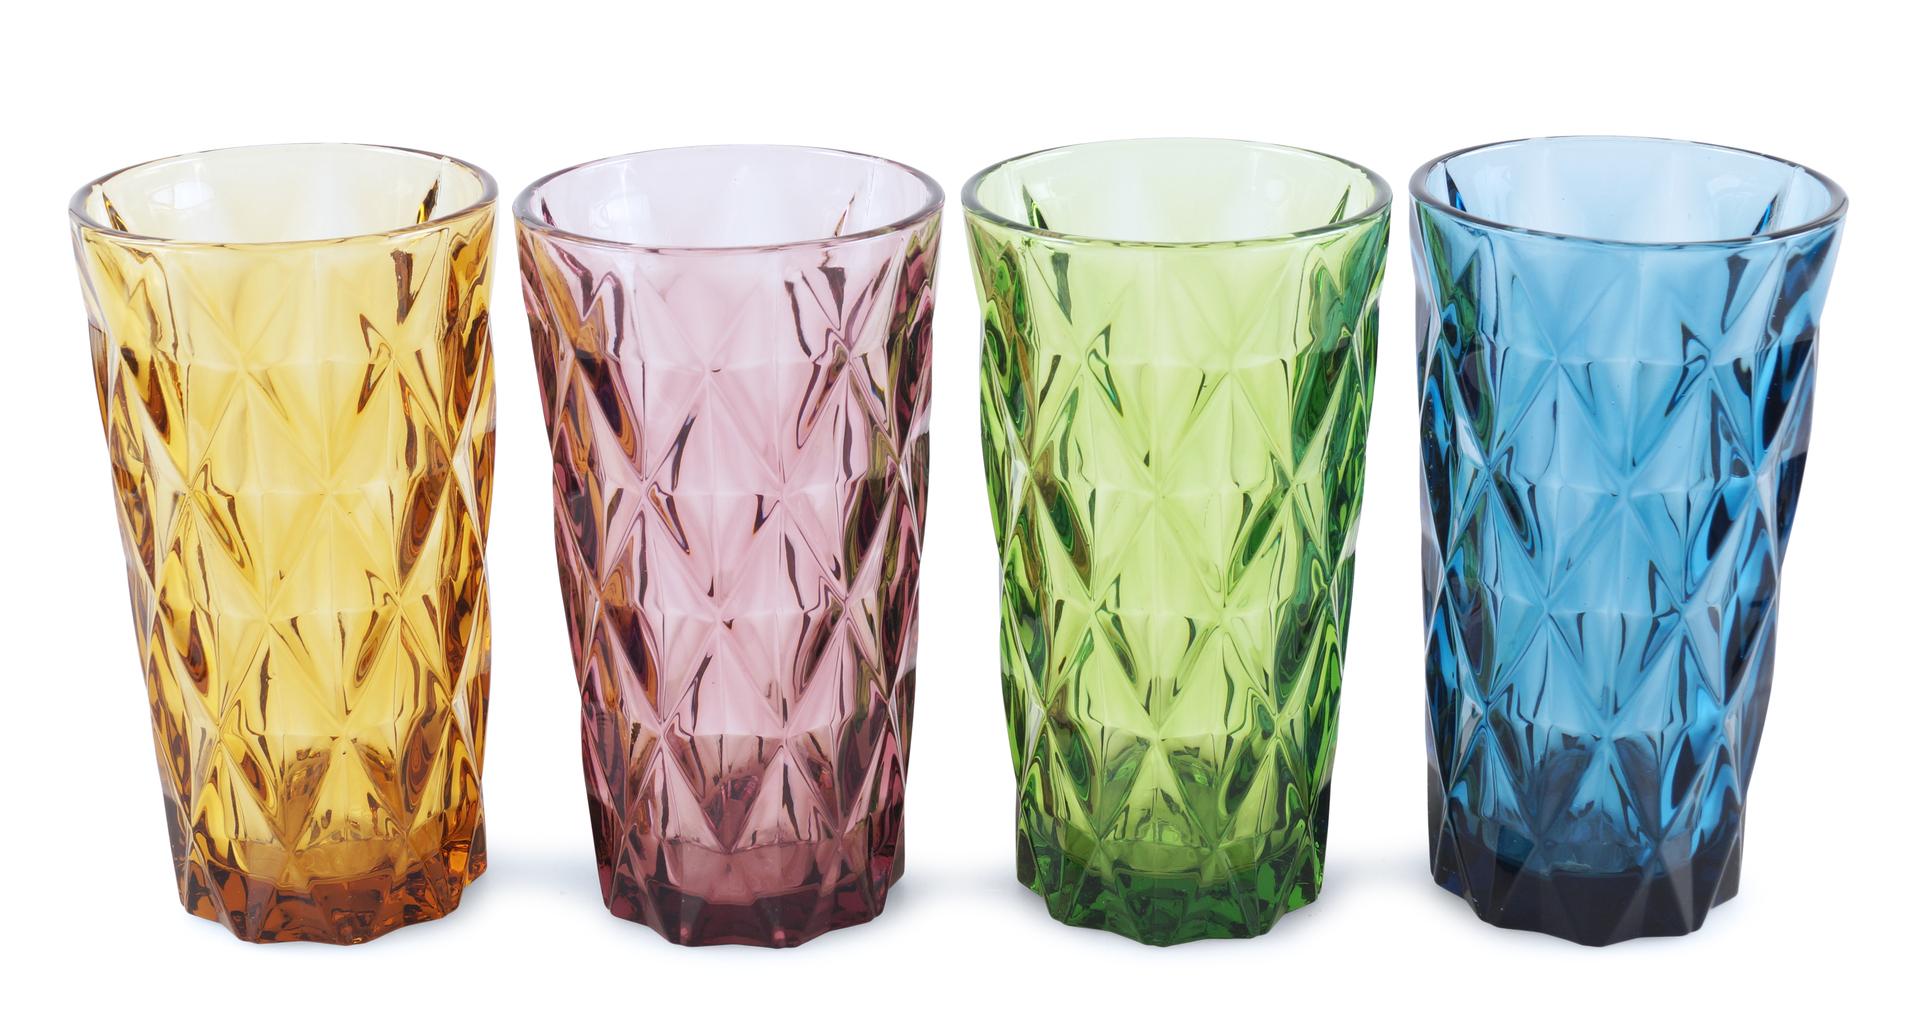 4 ks sada vysokých sklenic, 380 ml barevné